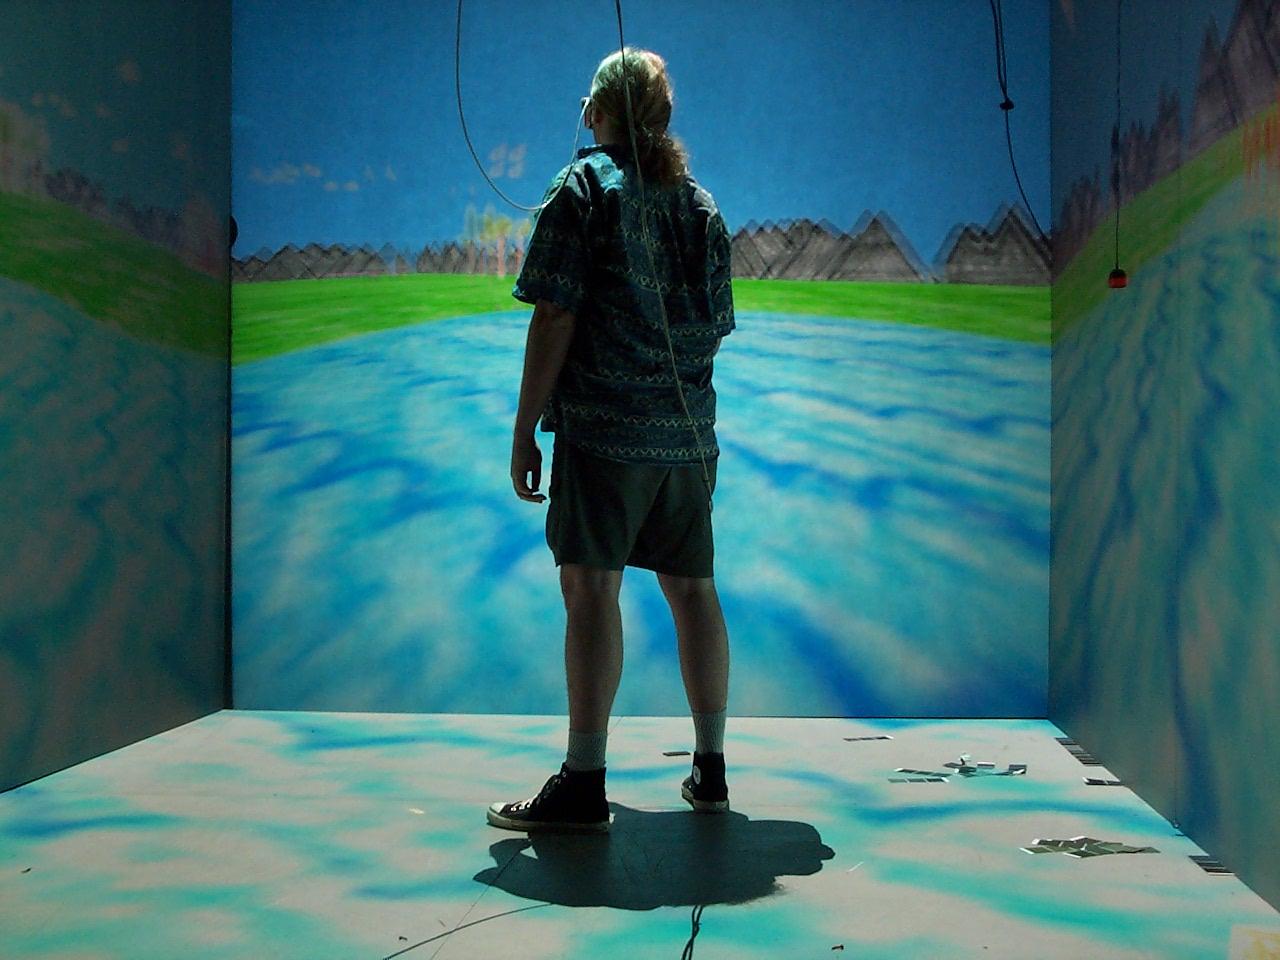 غار واقعیت مجازی